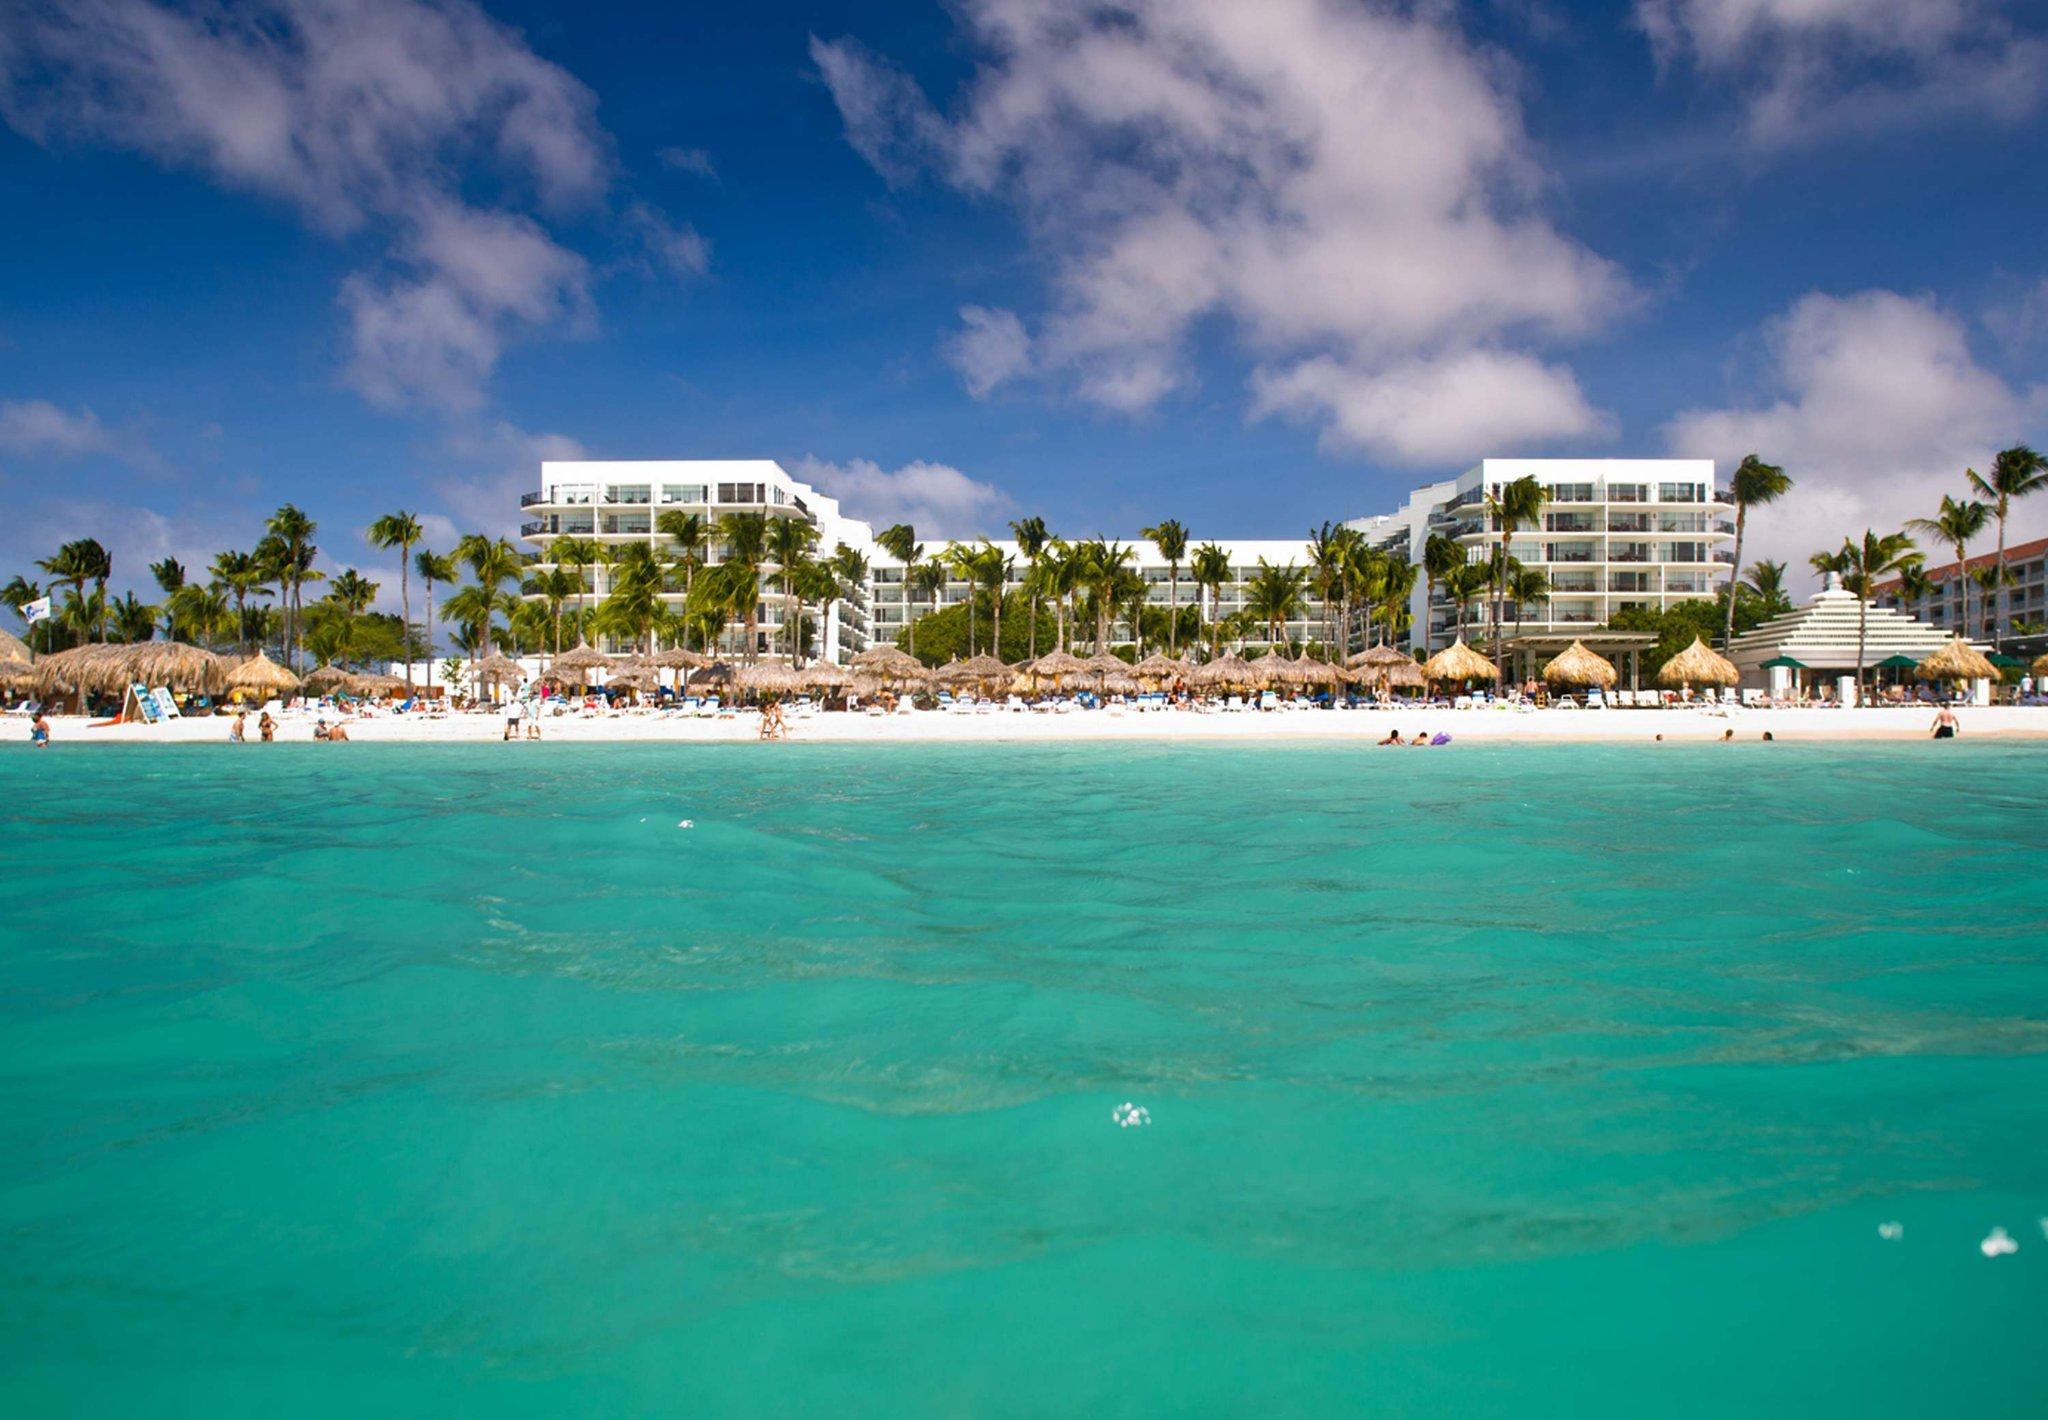 阿鲁巴岛万豪度假酒店及斯特拉瑞斯娱乐场